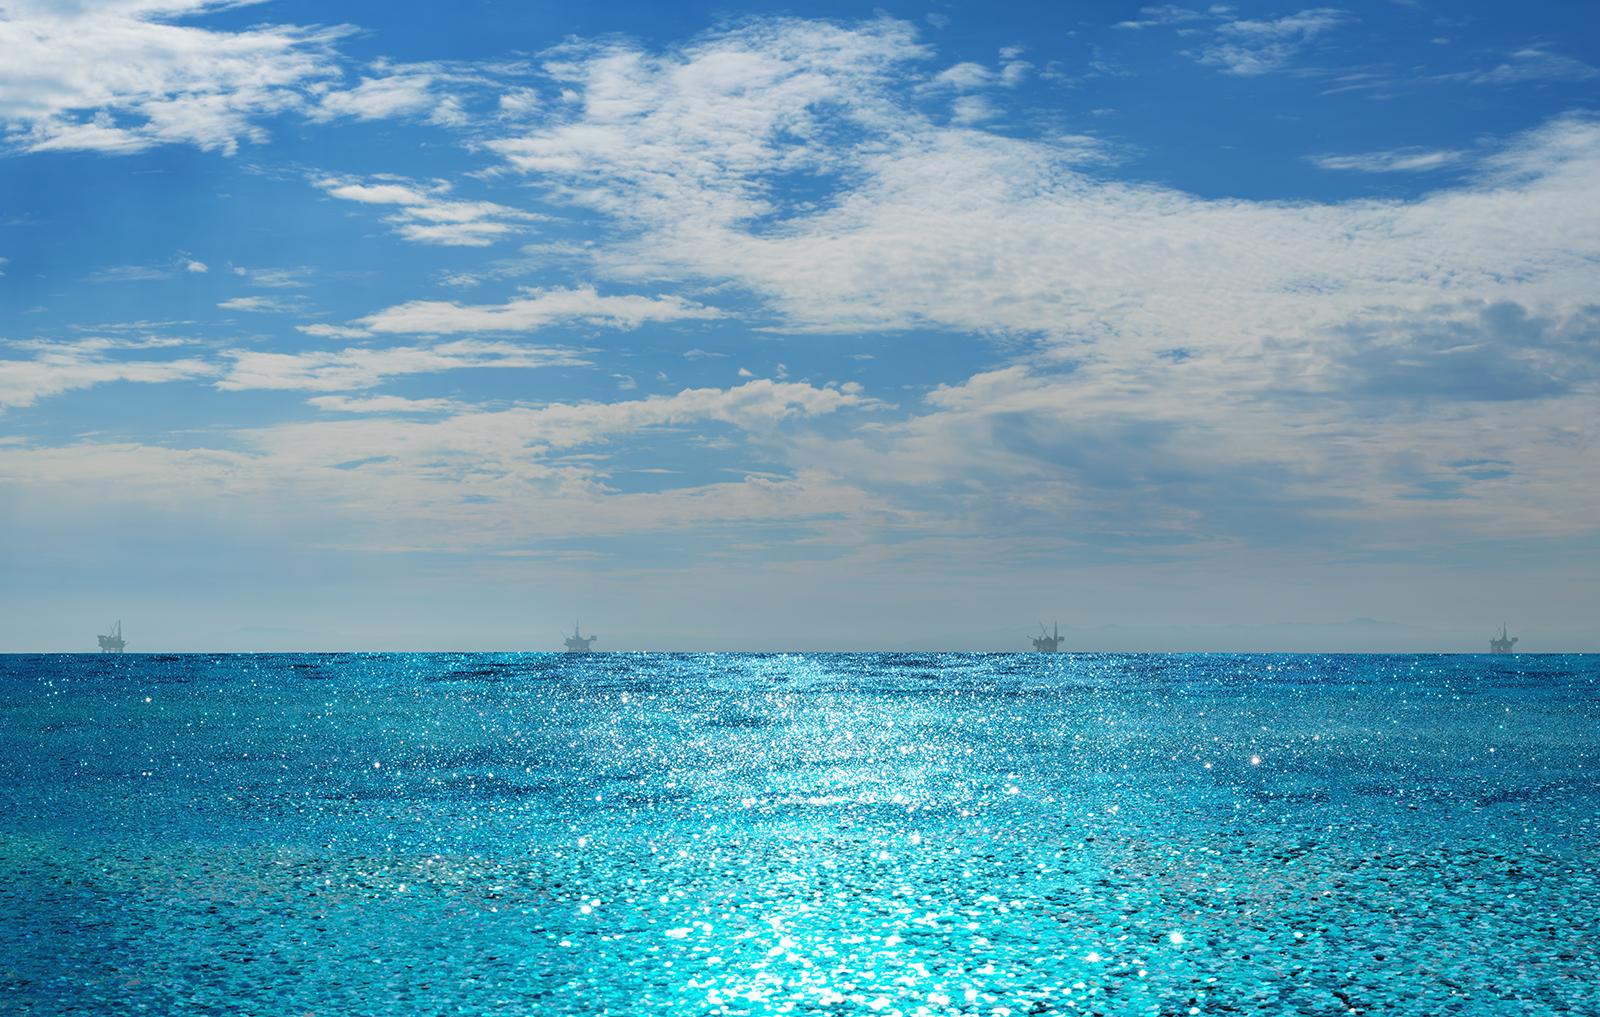 Mirage_Glittering_Sea.jpg